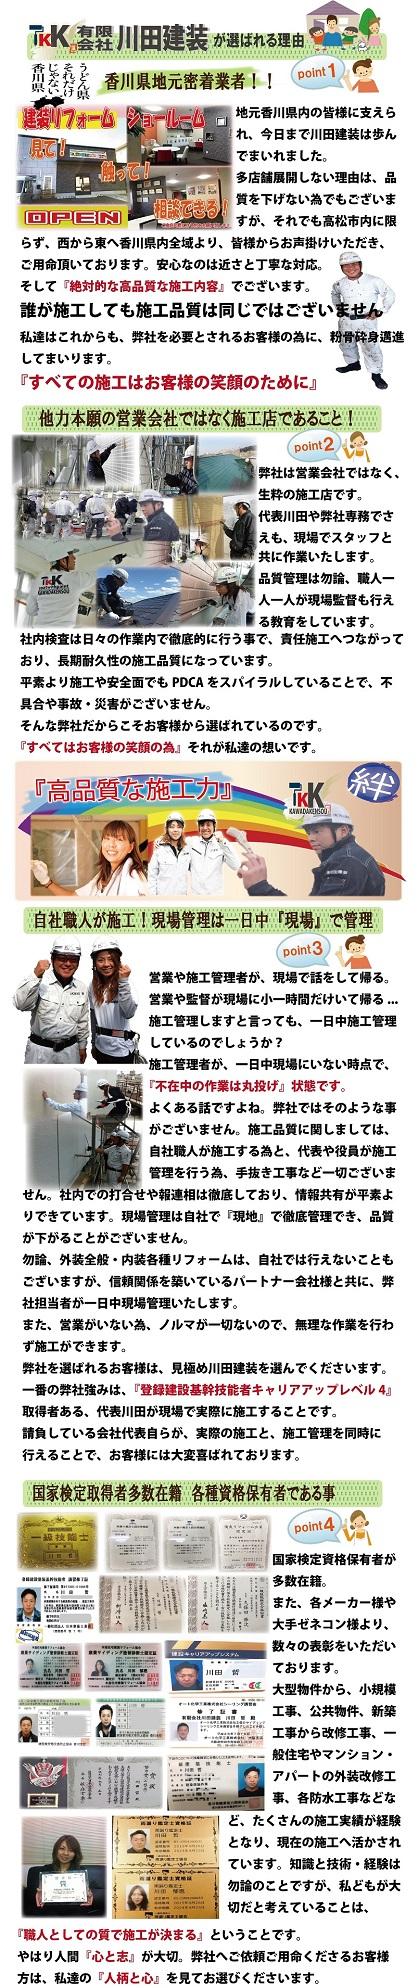 川田建装部長のブログ